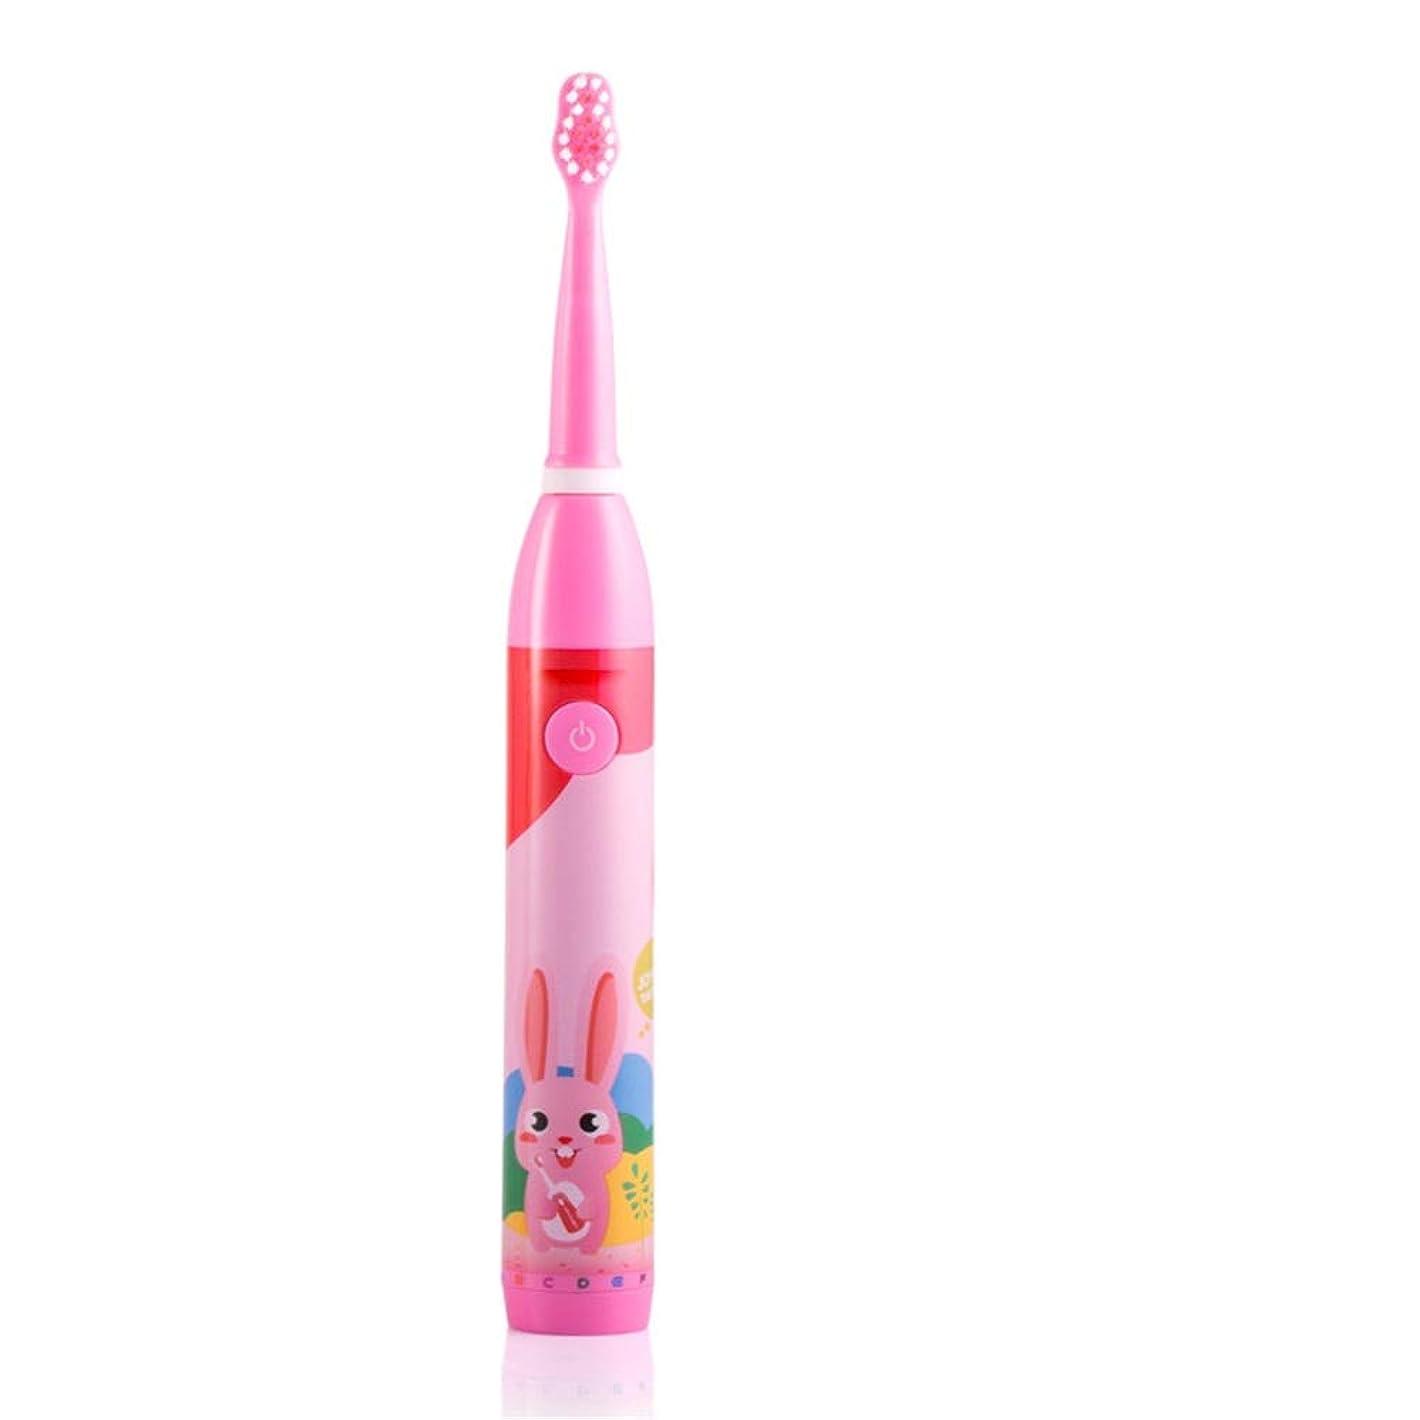 改修つまらない立法電動歯ブラシ 子供の電動歯ブラシUSB充電式防水保護ホワイトニング歯ブラシ高齢者6-12に適して 大人と子供向け (色 : ピンク, サイズ : Free size)